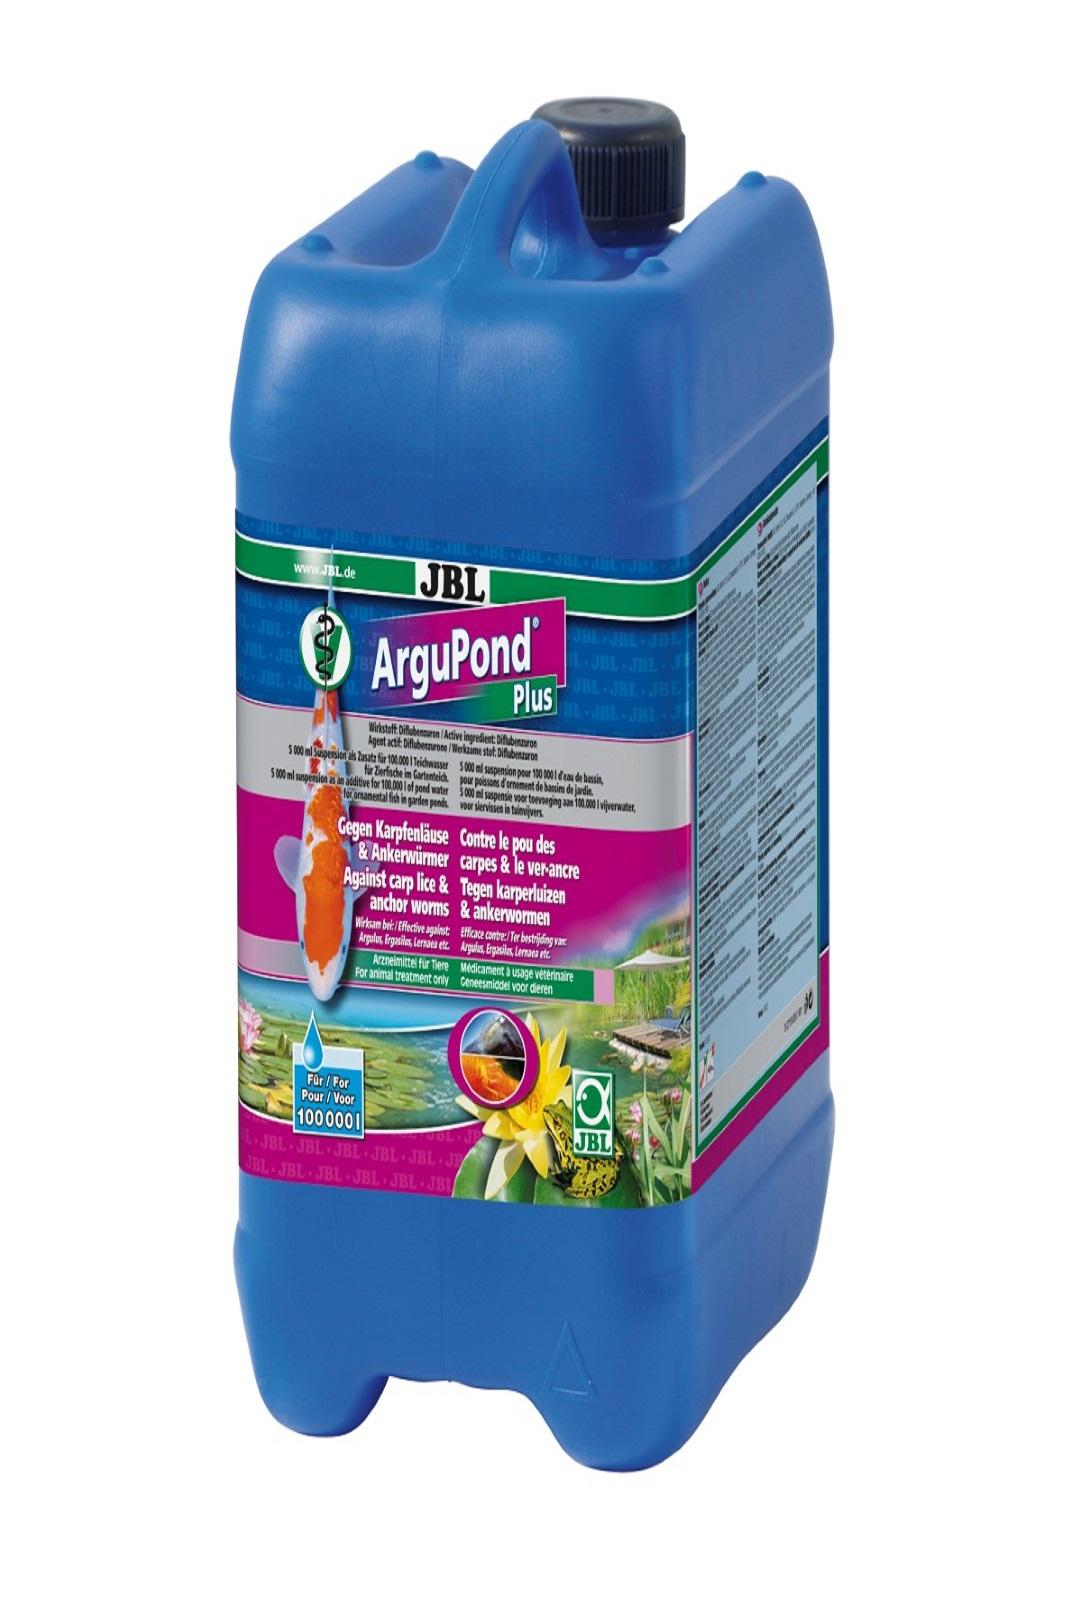 JBL ArguPond Plus 5 l + Heilmittel gegen Karpfenläuse Ankerwürmer Parasiten